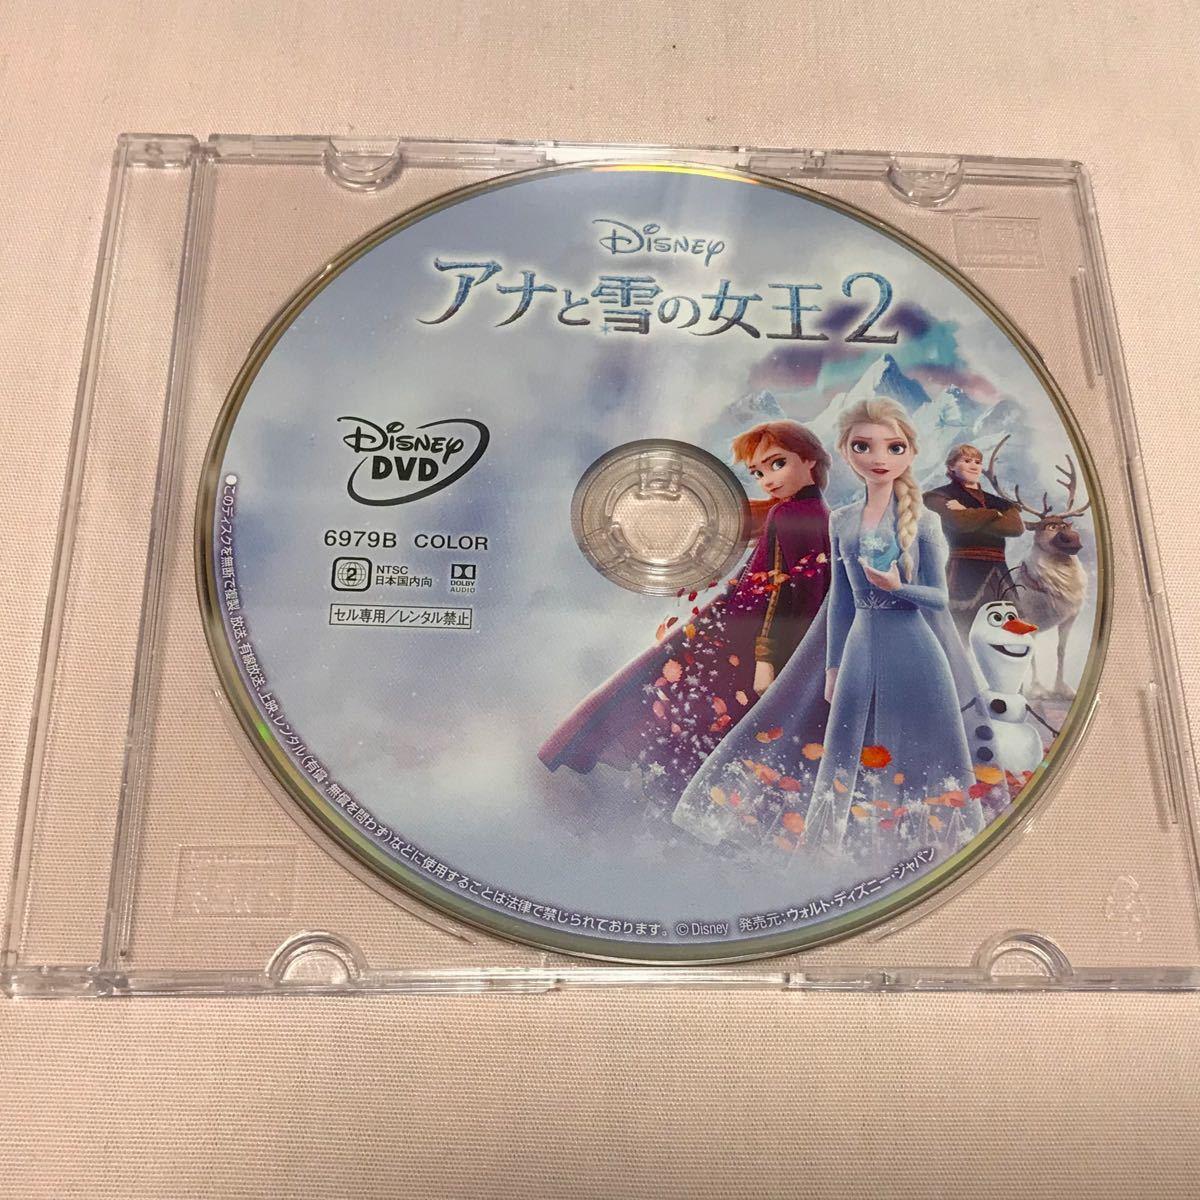 アナ雪2 DVD アナと雪の女王2 国内正規品